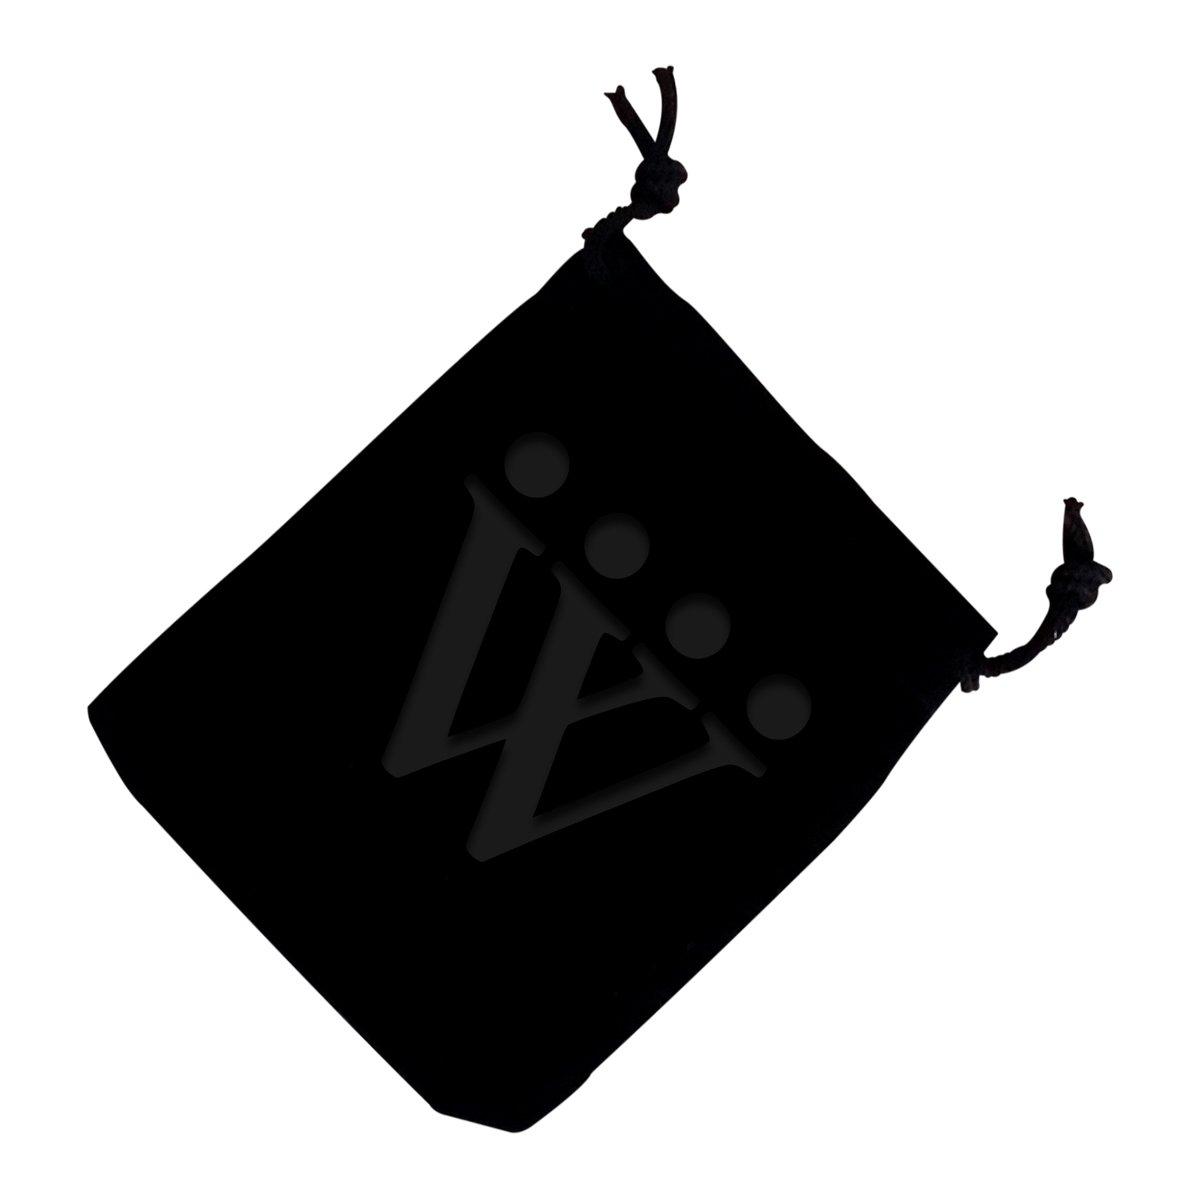 Boucles doreilles Et Bracelet Chaine pour Femme Plaqu/és en M/étal Pr/écieux avec des Poissons Couverts De Cristaux Multicolores GWG/® Parure Compos/ée dun Collier /à Pendentif